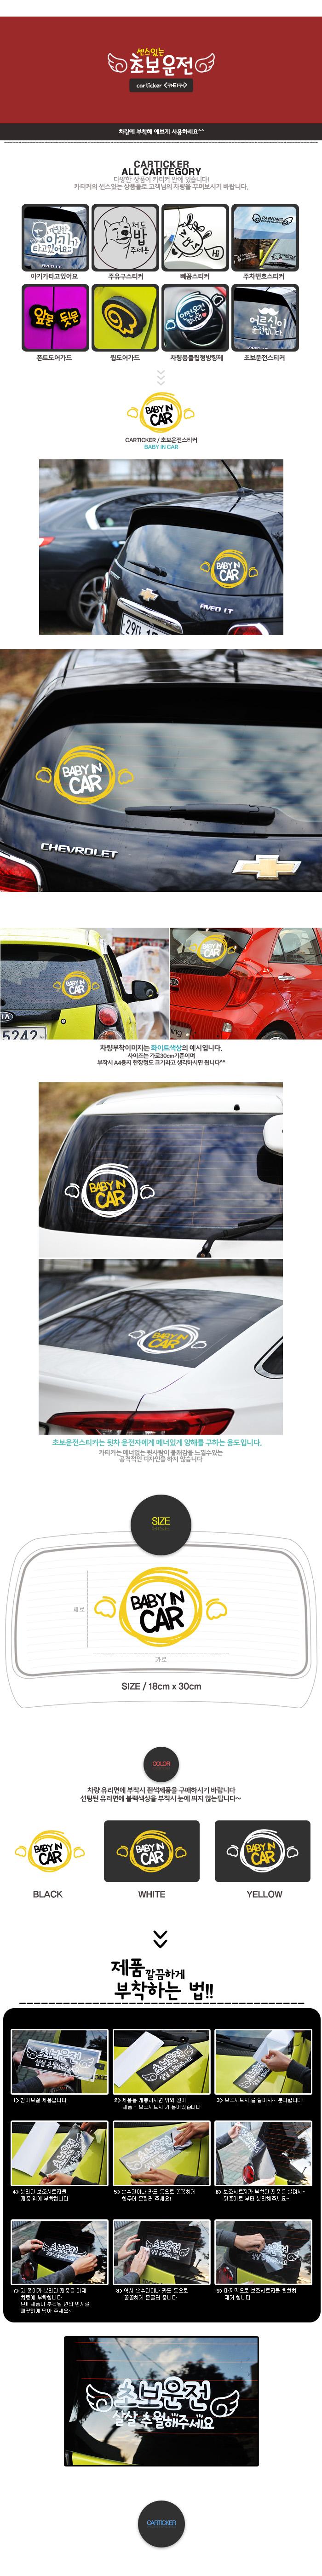 날개 베이비인카 - (투톤)초보운전스티커(NEW222) - 카티커, 3,820원, 자동차 스티커, 초보운전/아기탑승/주차 스티커